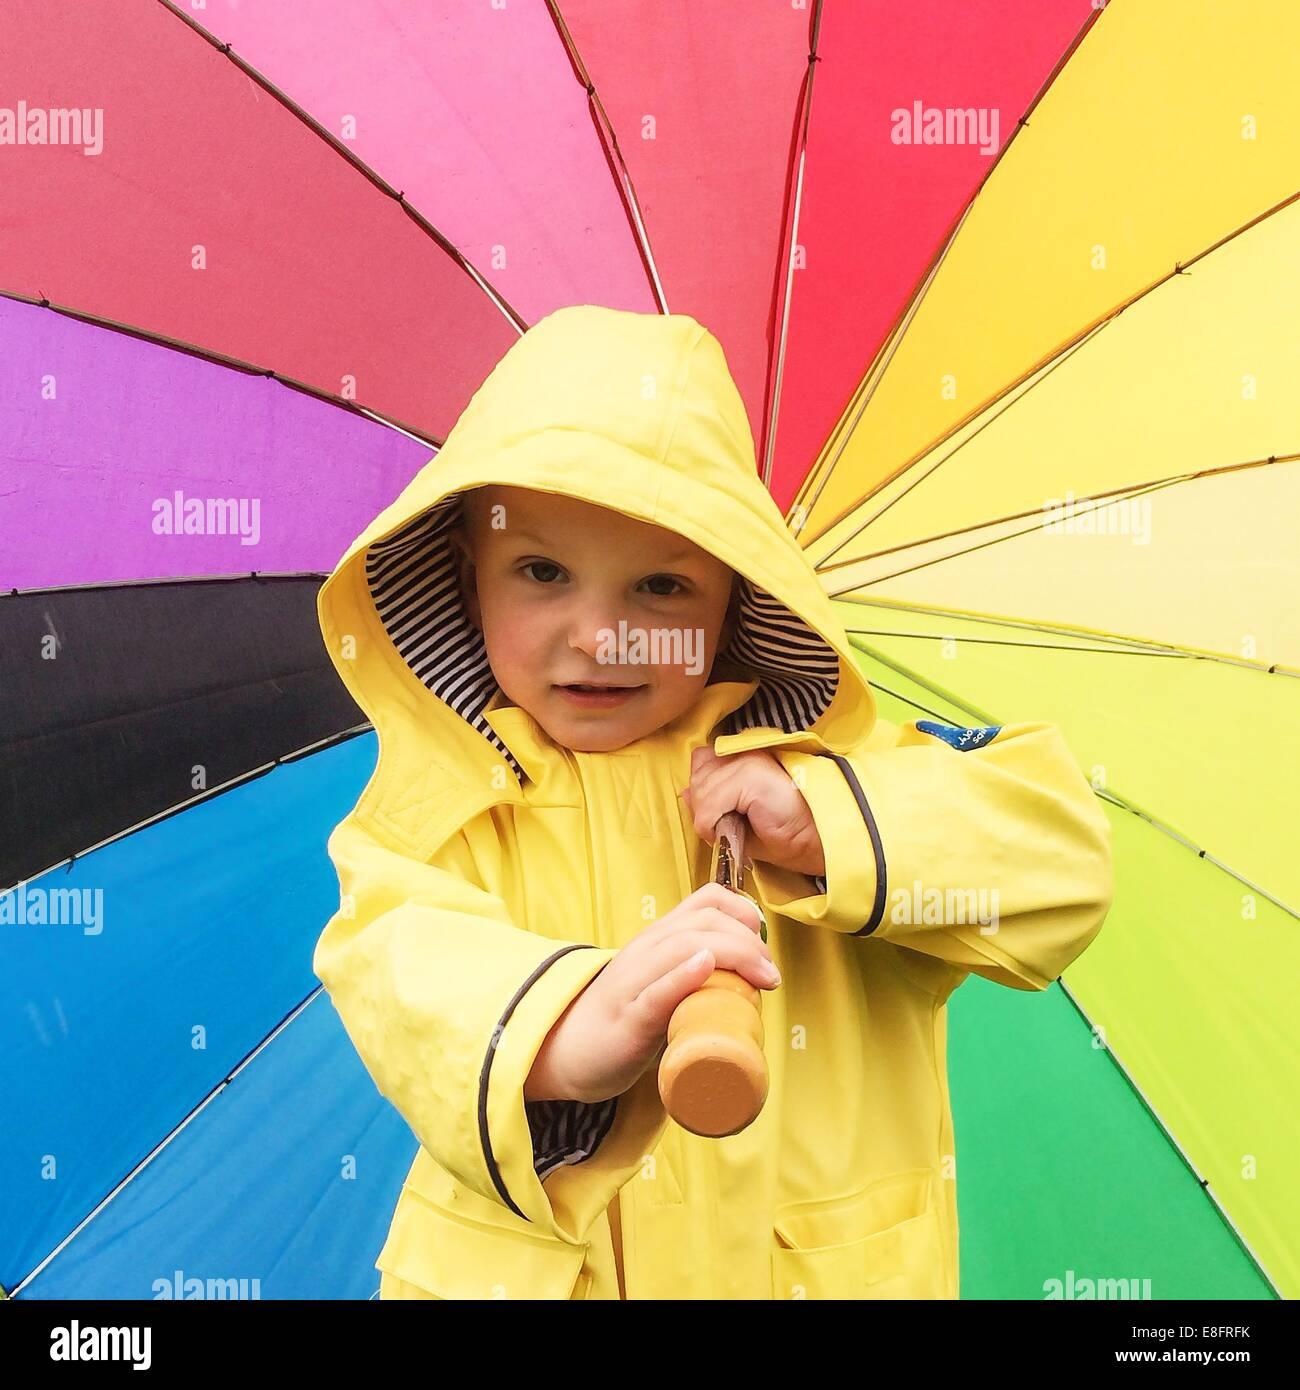 Ragazzo in un impermeabile tenendo un multi-ombrello colorato Immagini Stock